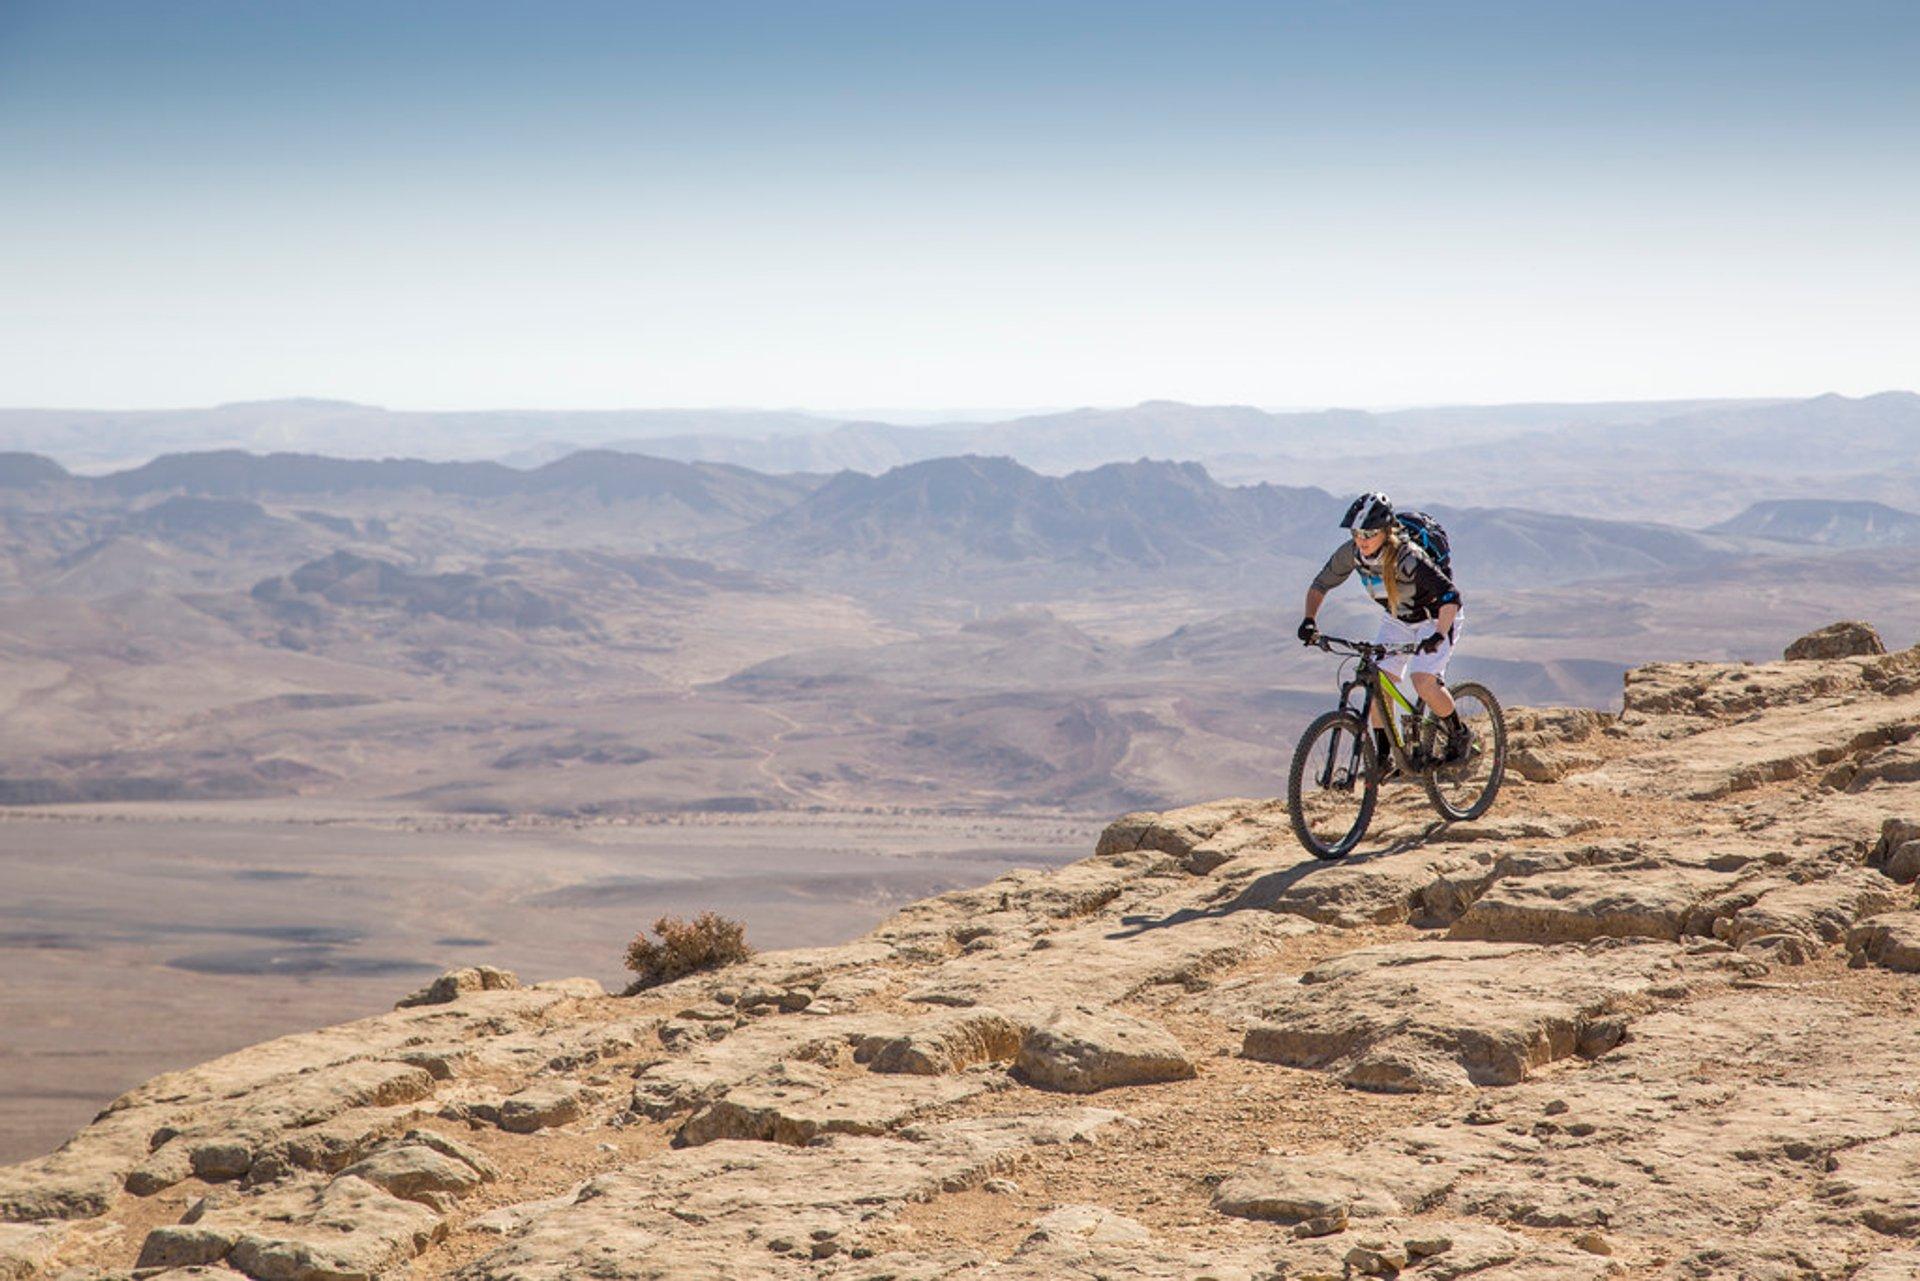 Biking the Desert in Israel 2019 - Best Time